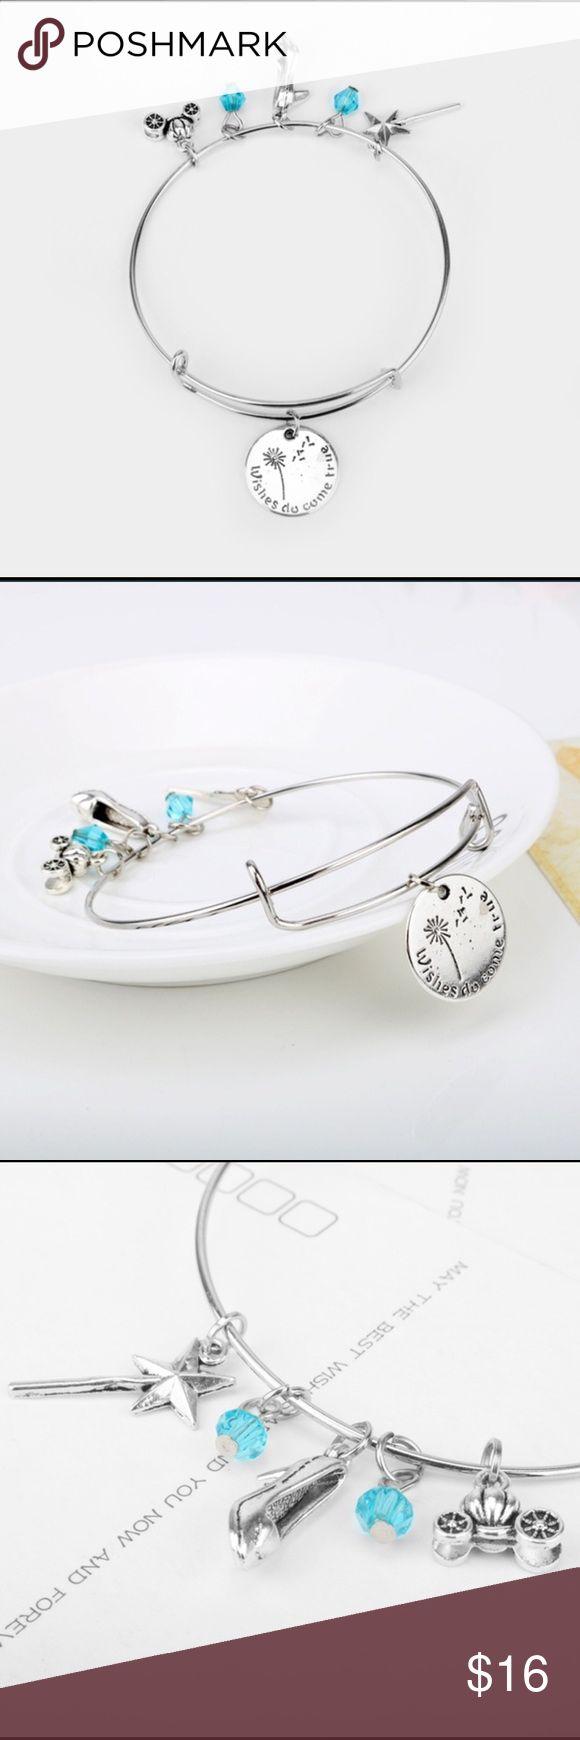 Silver Wishes Do Come True Charm Bracelet Brand new Jewelry Bracelets